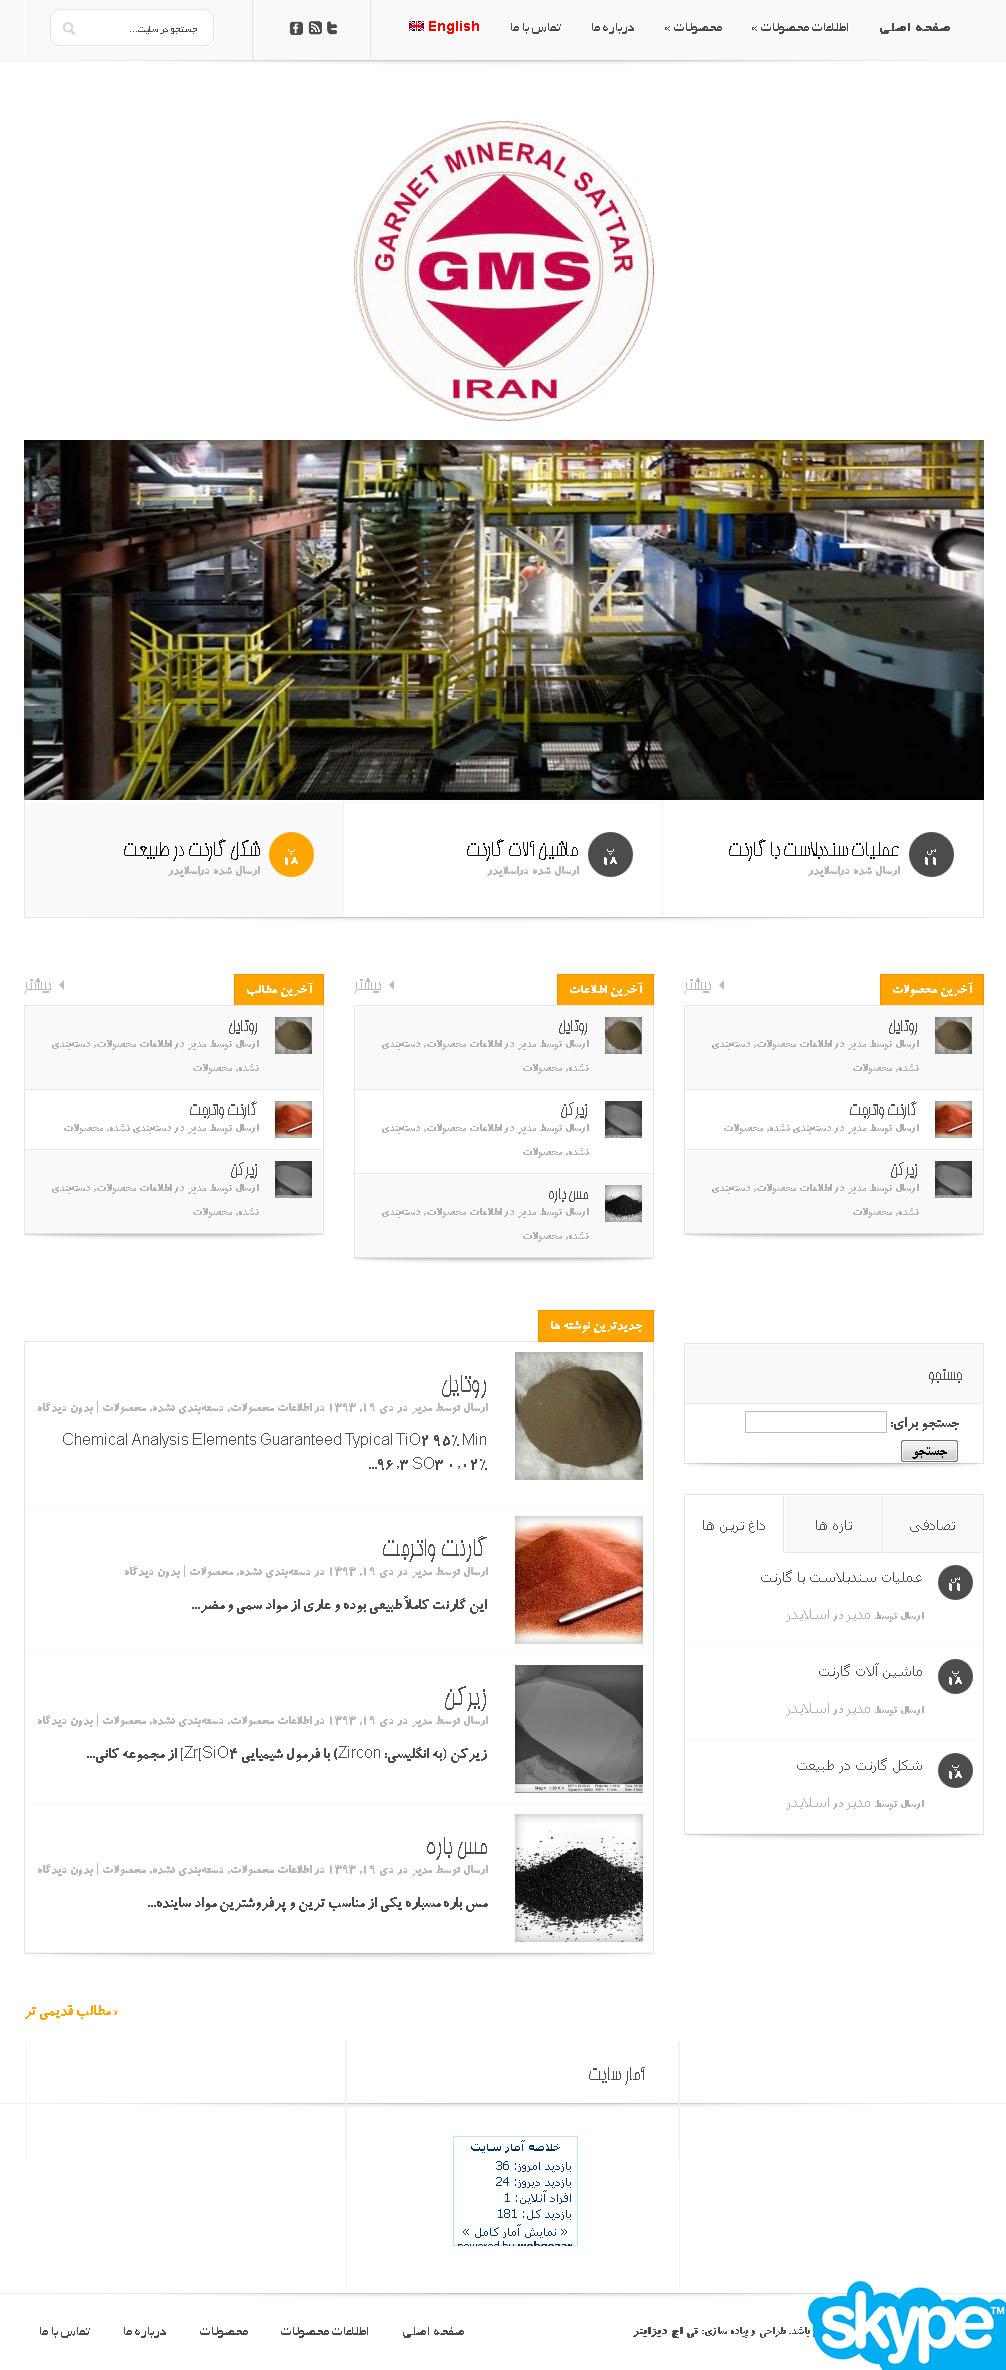 طراحی نسخه فارسی سایت گارنت سل